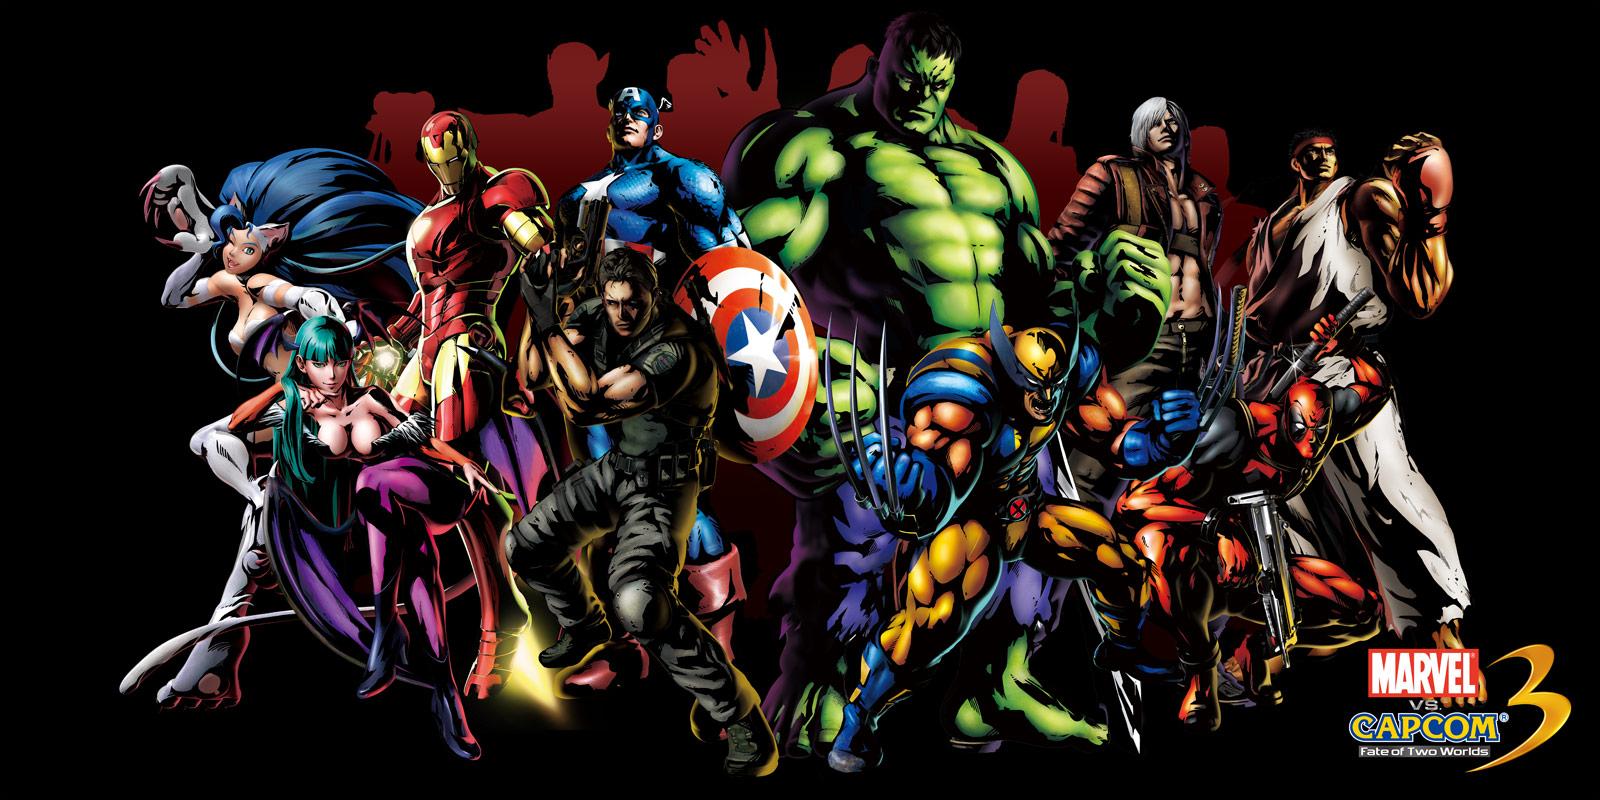 New Ultimate Marvel Vs. Capcom 3 Trailer